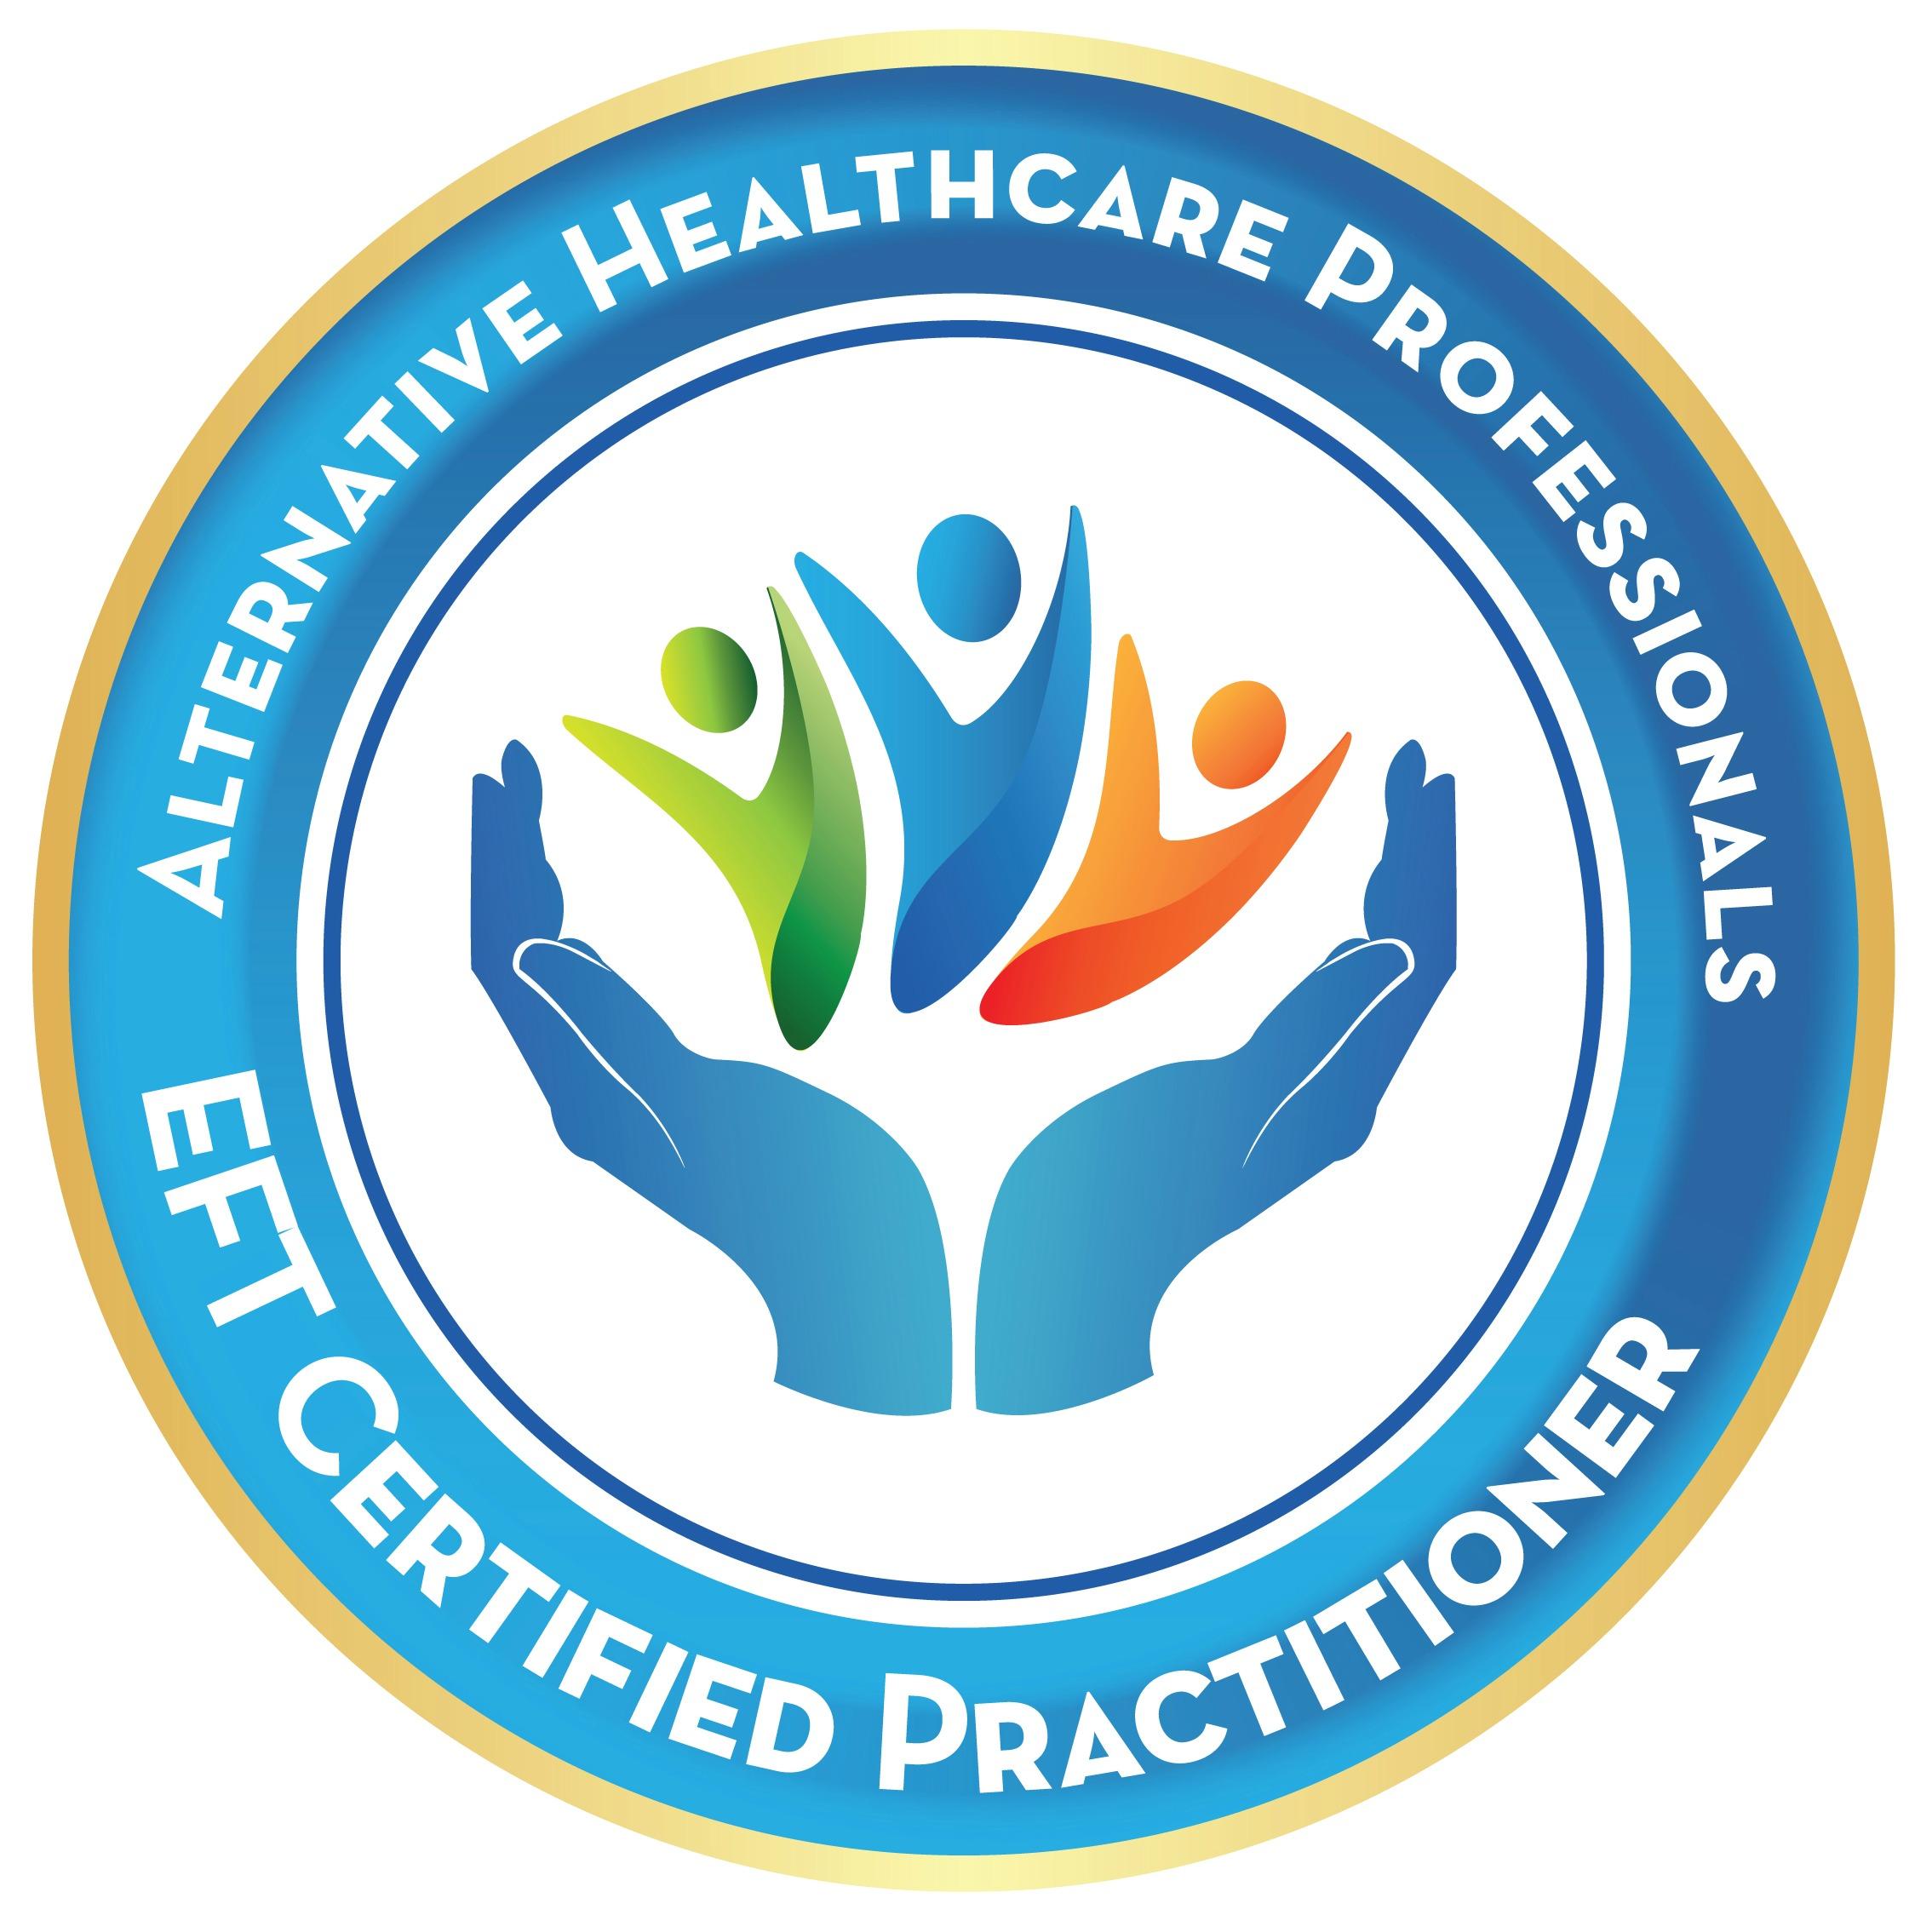 EFT Certified Practitioners